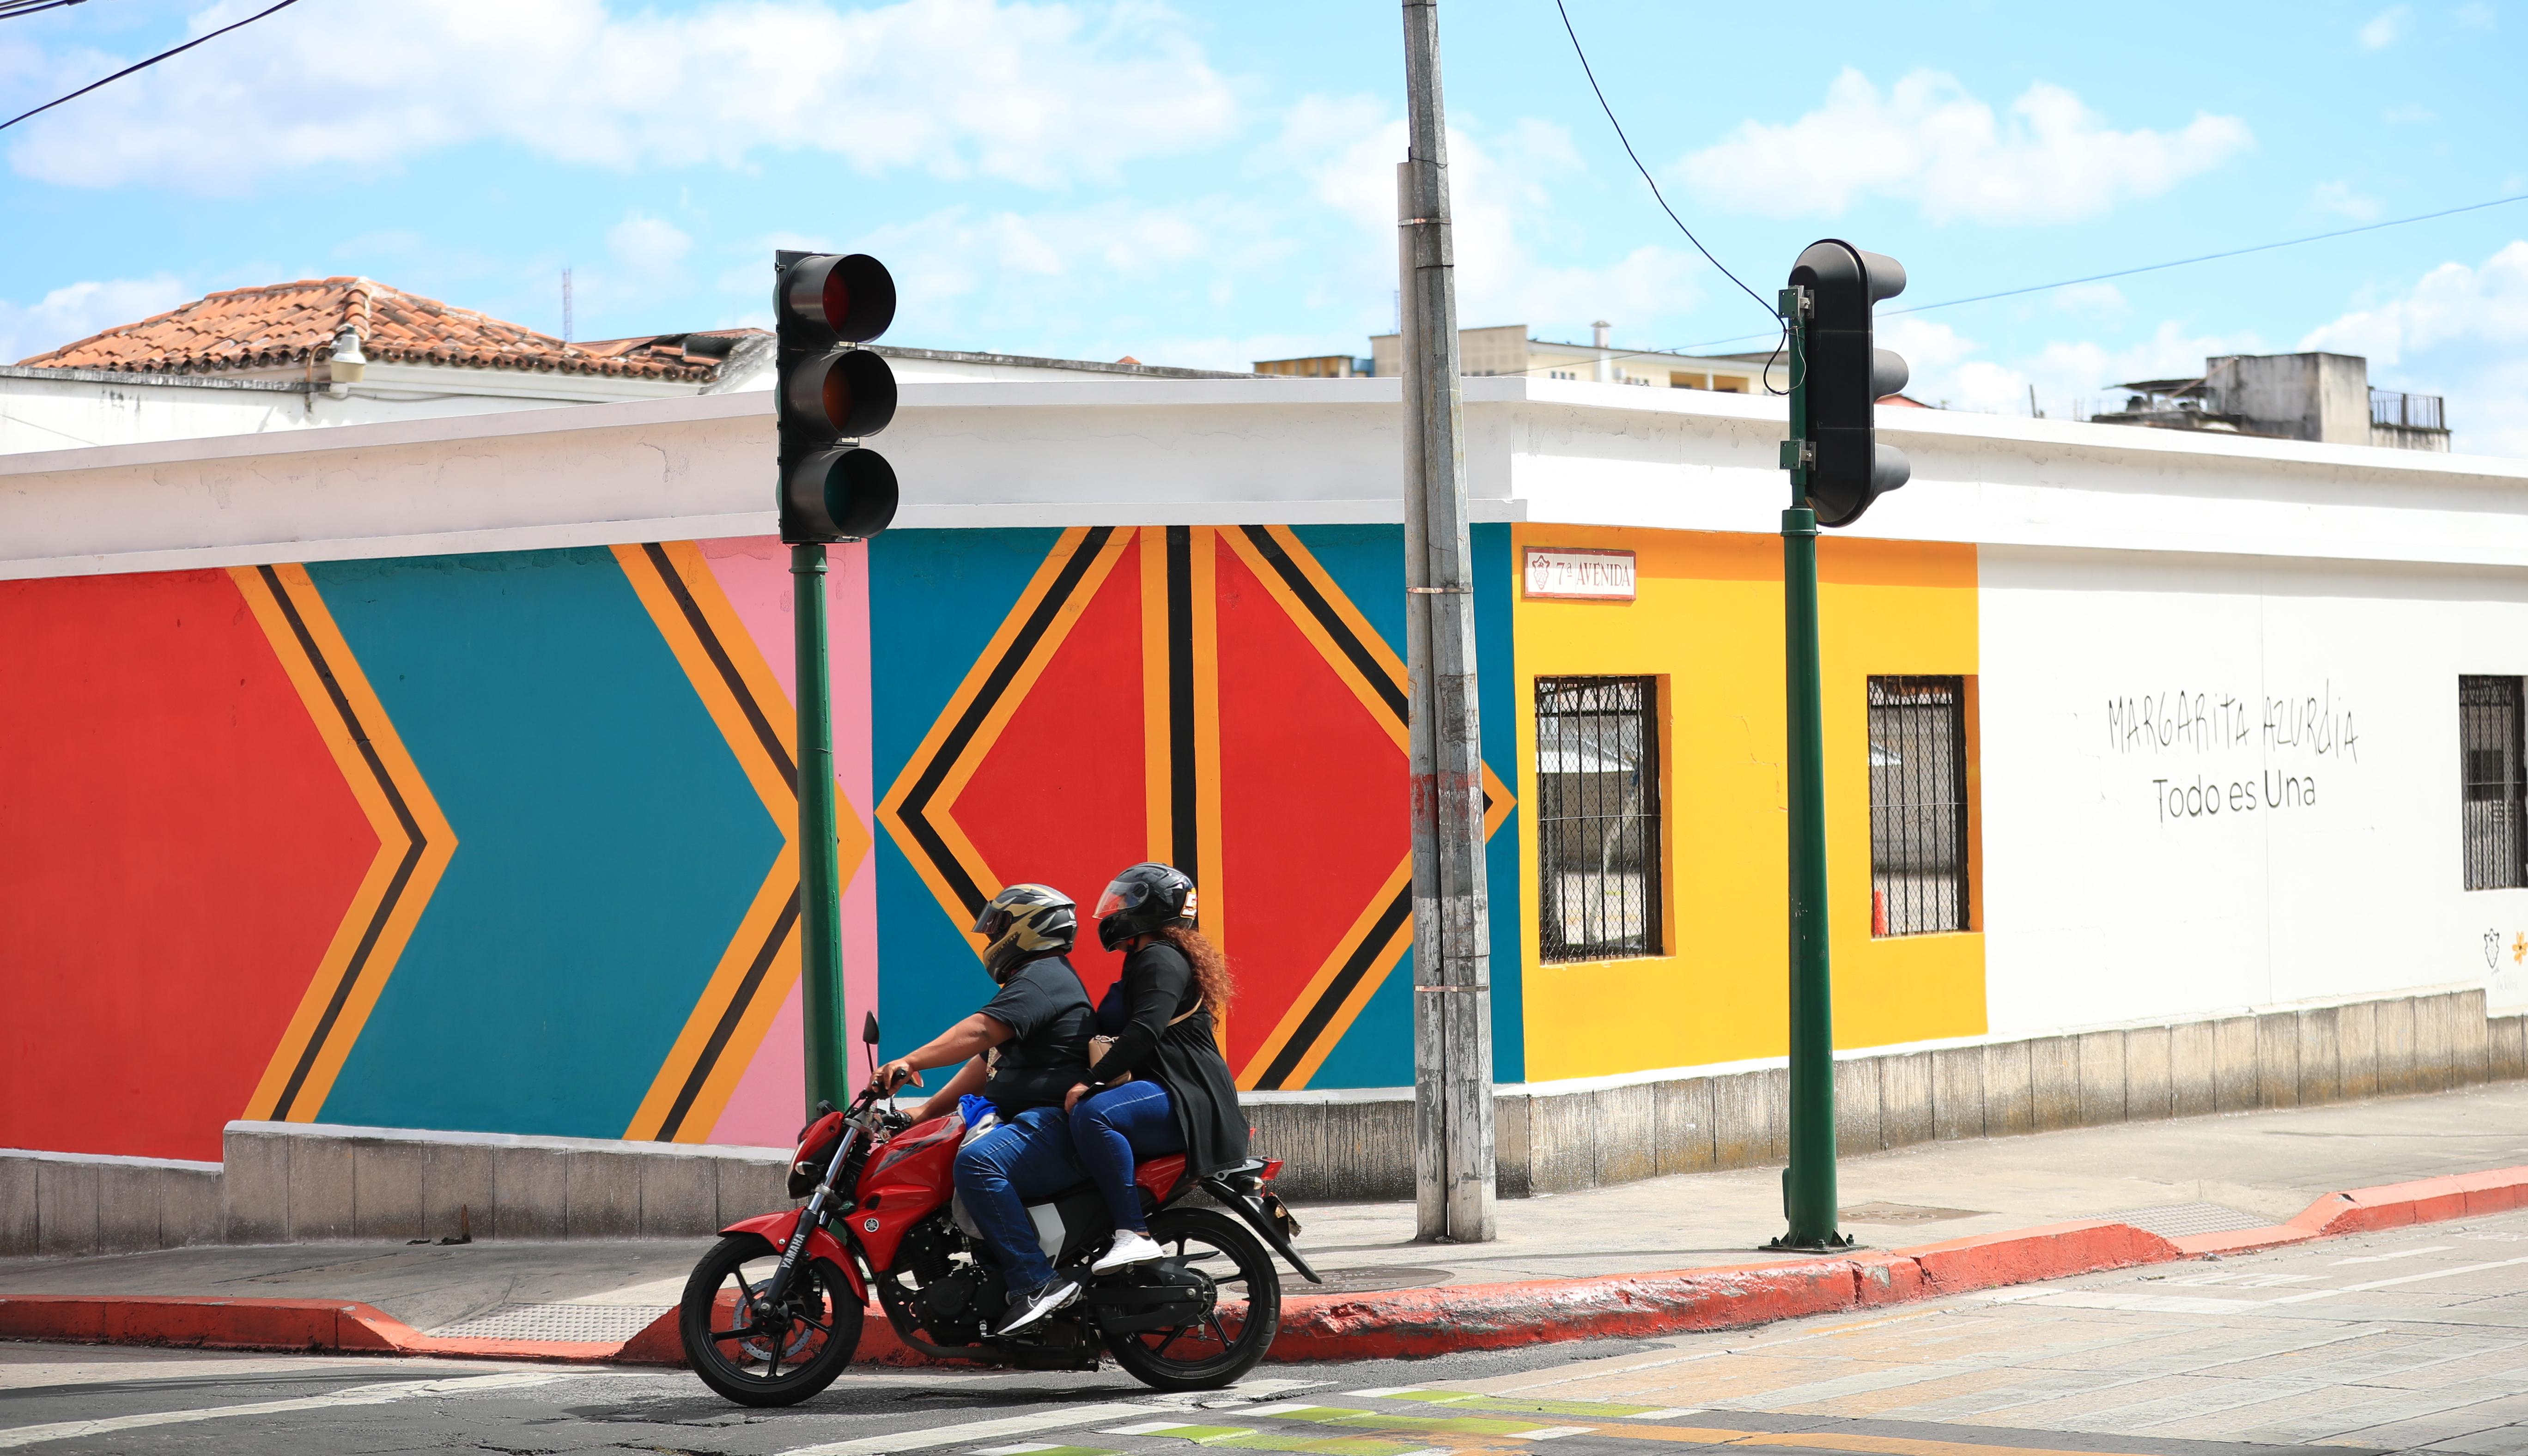 El mural dedicado a Margarita Azurdia se encuentra en la 7 avenida y 13 calle, zona 1.